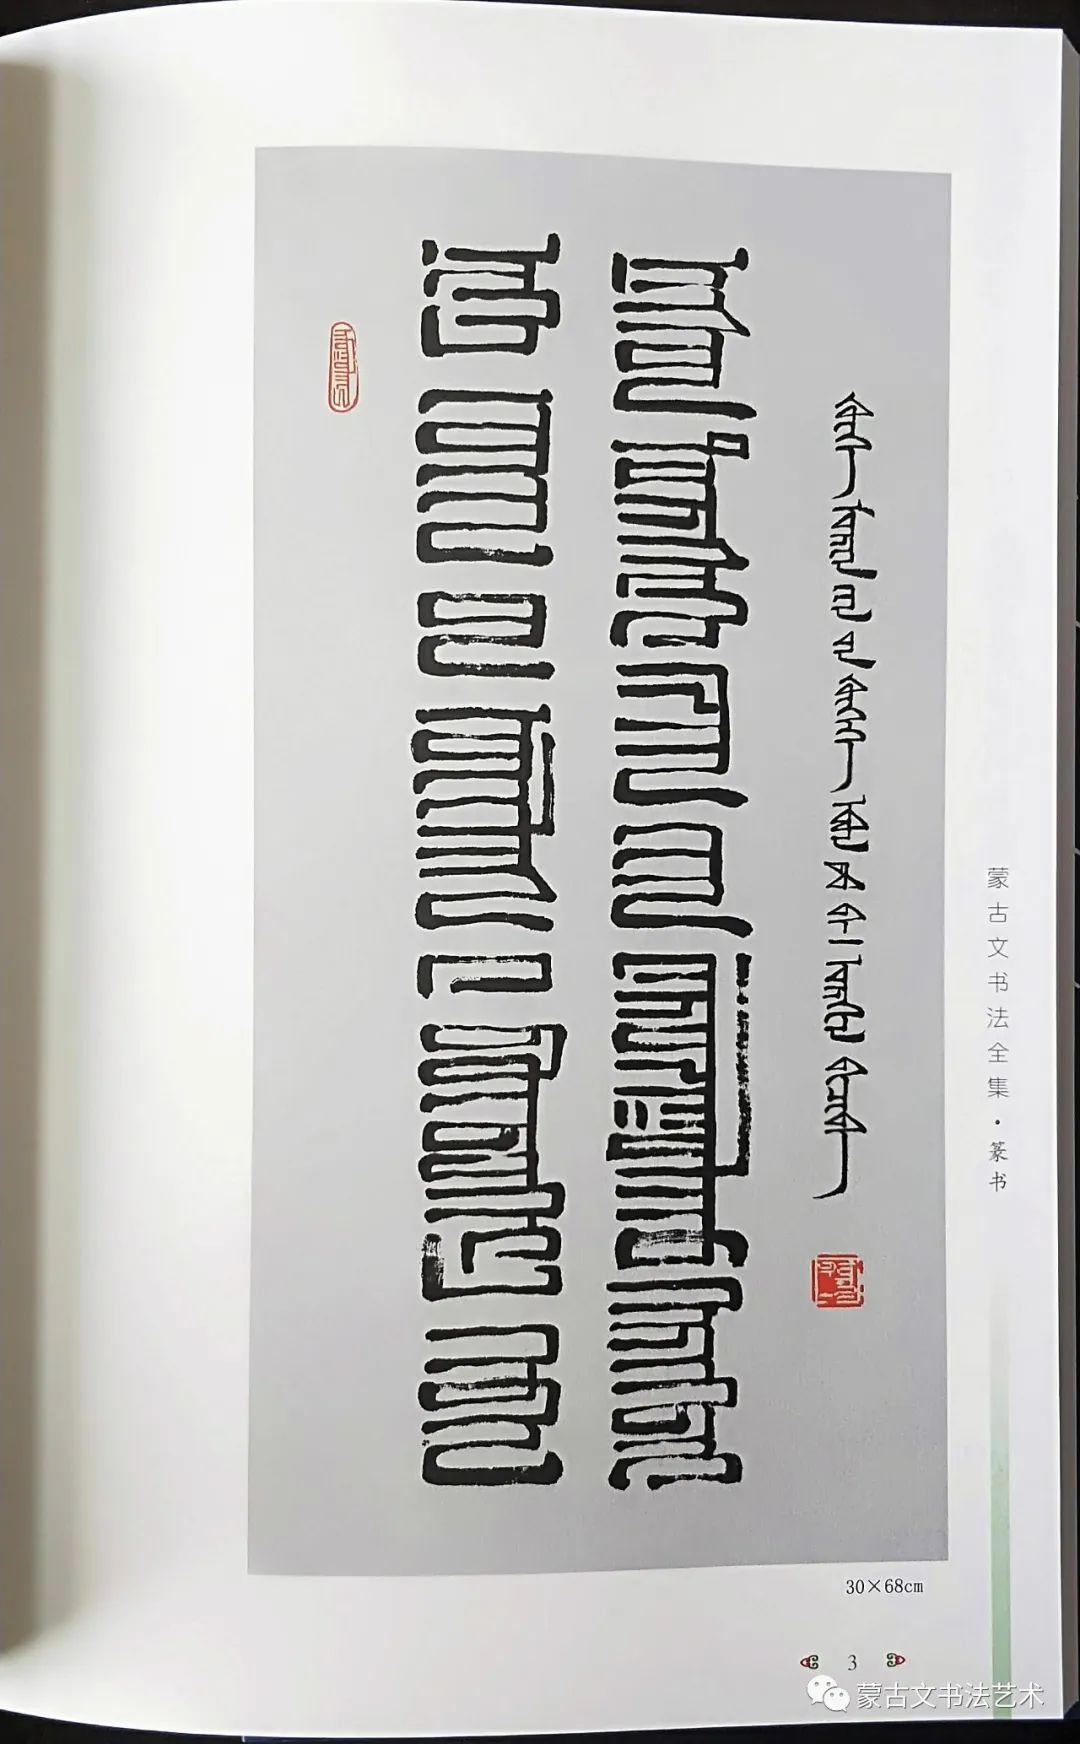 蒙古文书法全集 第33张 蒙古文书法全集 蒙古书法